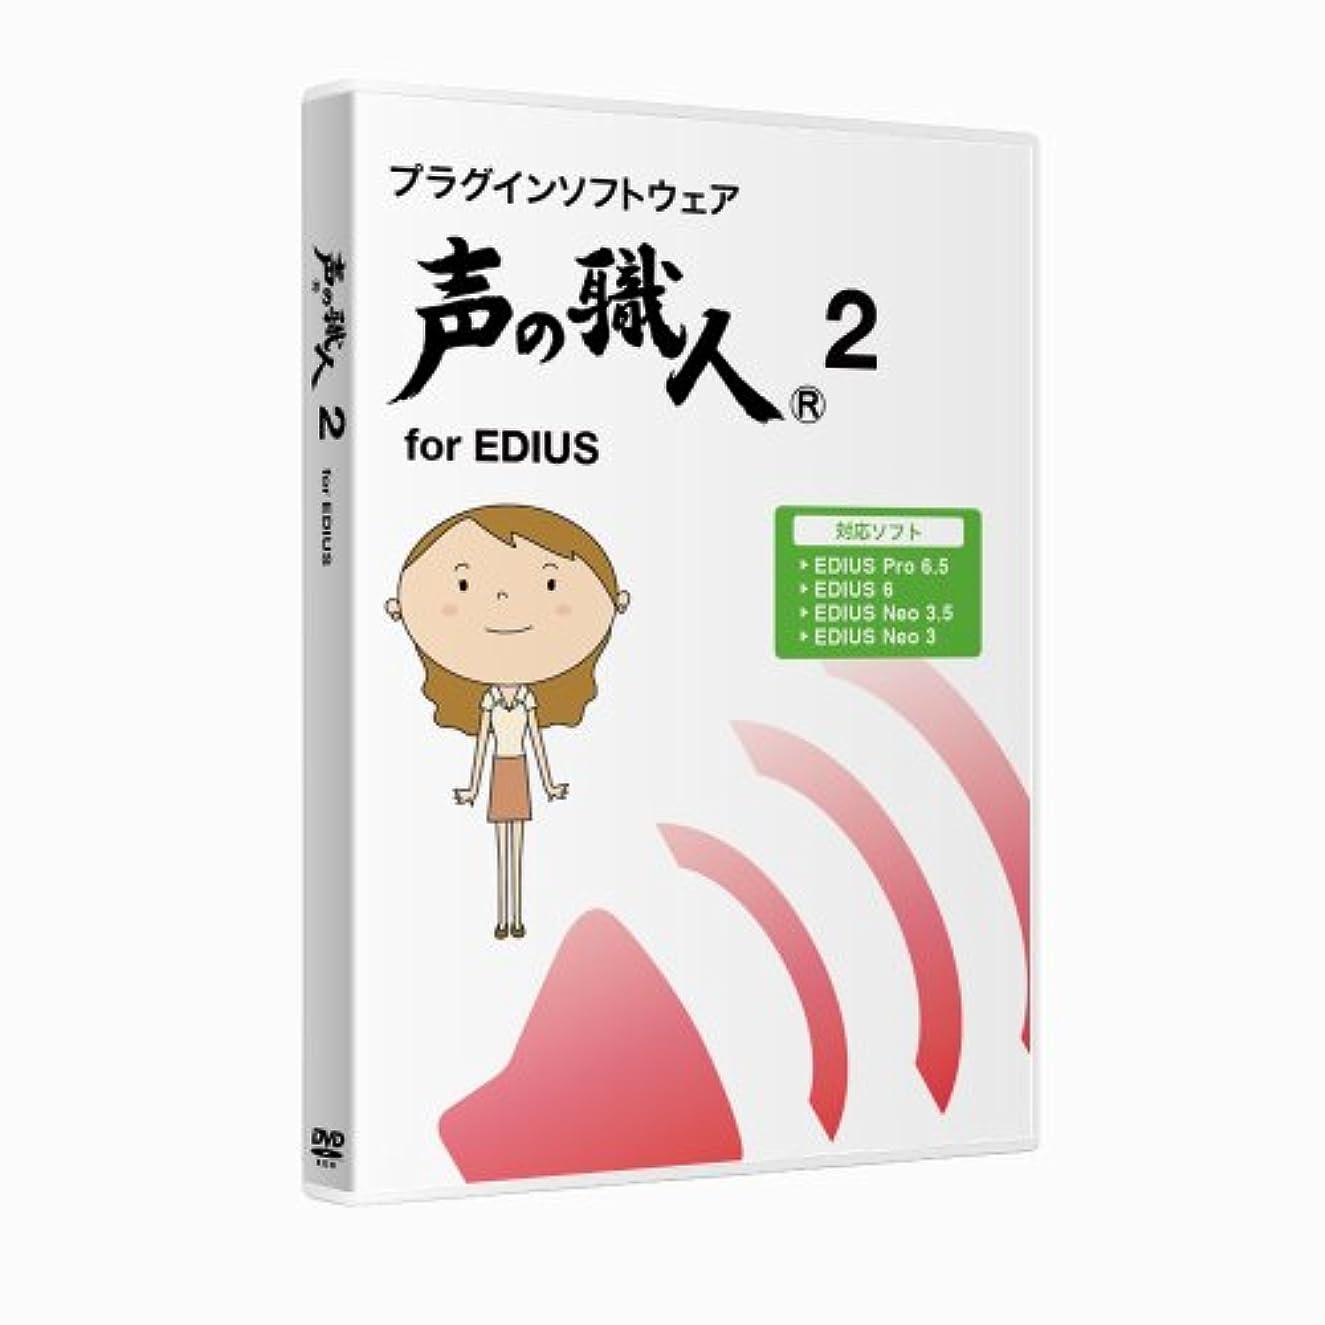 フリル中性サーキュレーション声の職人 2 for EDIUS 通常版 (かほ) 音声合成プラグインソフト